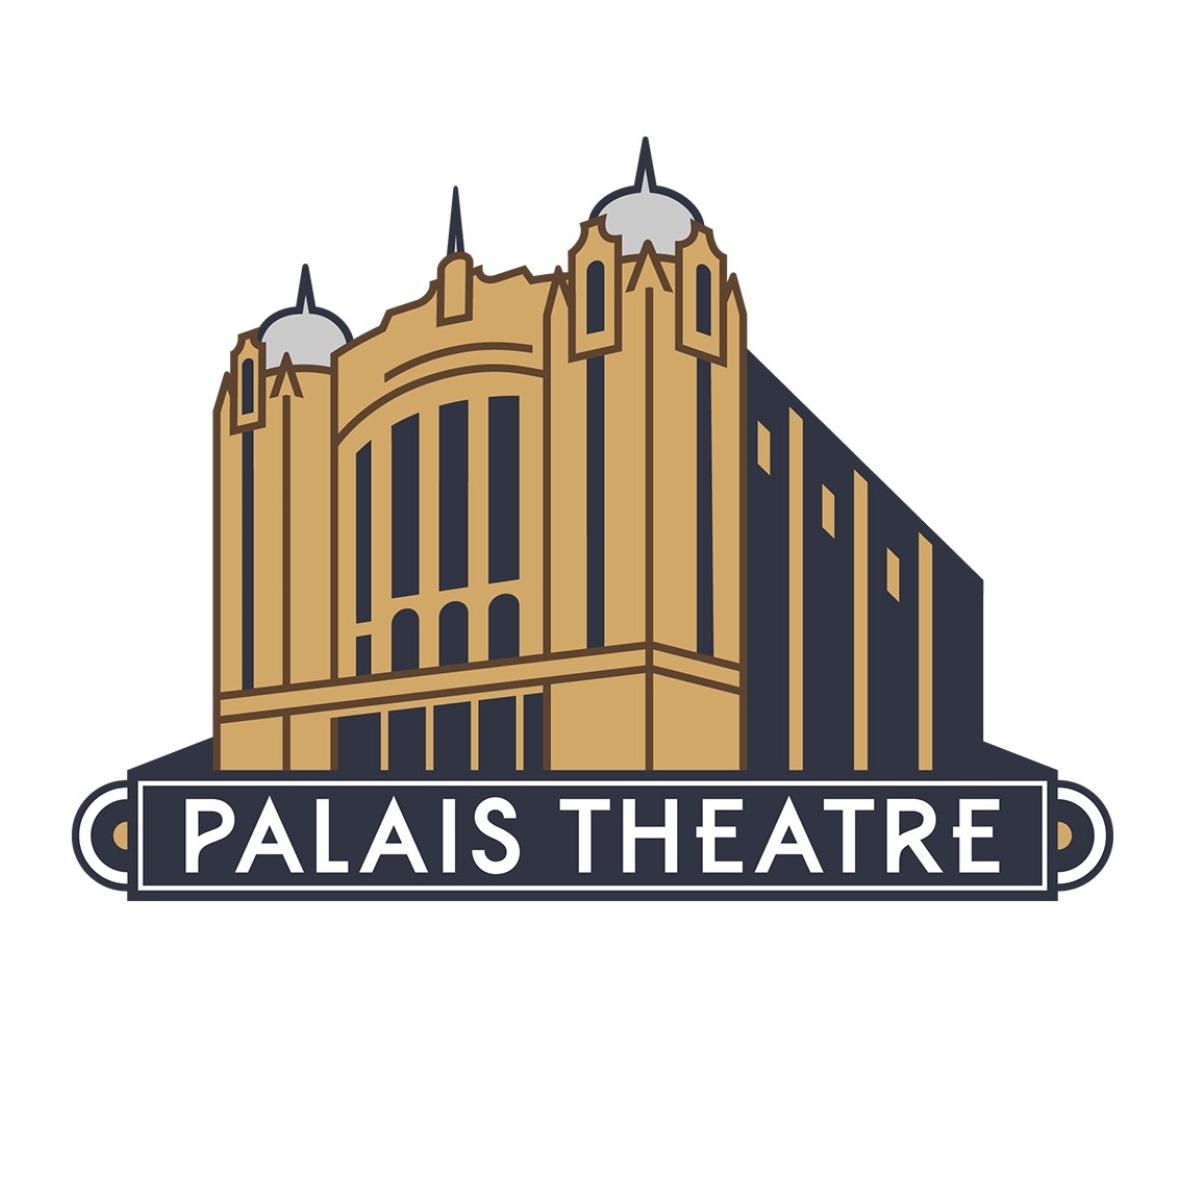 Palais Theatre - Live Nation Australia Venues